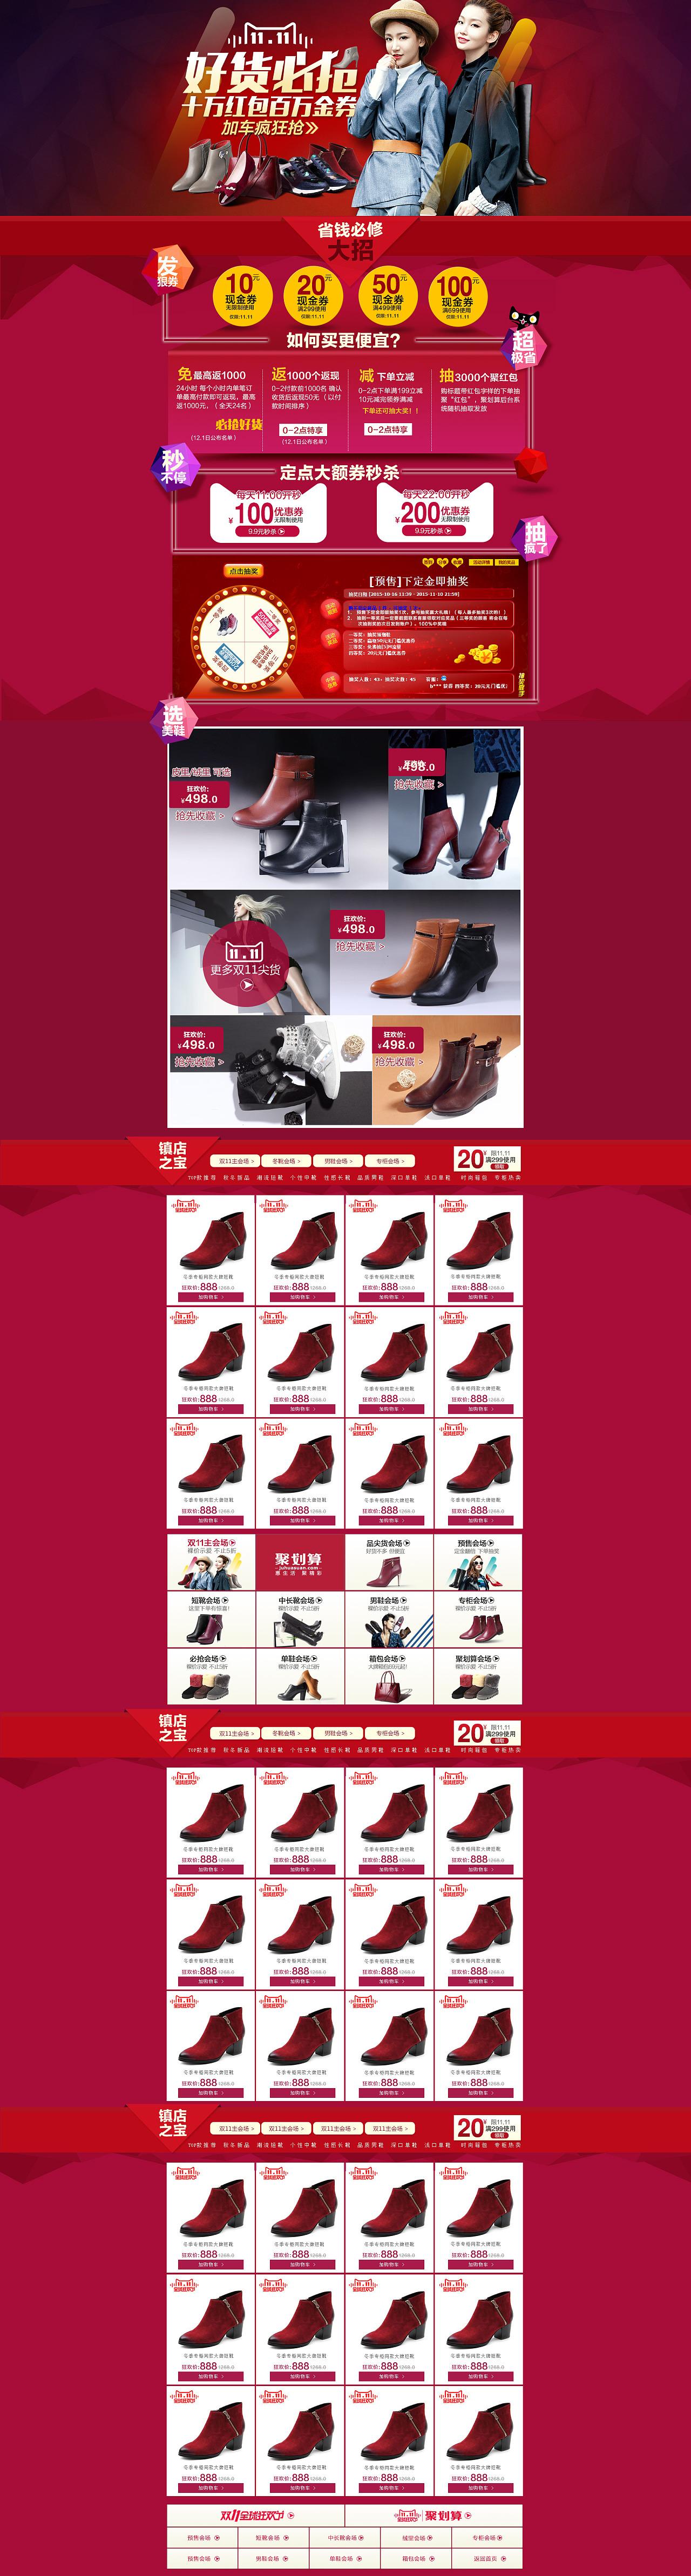 speedo天猫旗舰店_淘宝天猫鞋包类目百丽官方旗舰店女鞋天猫设计双11天猫首页设计